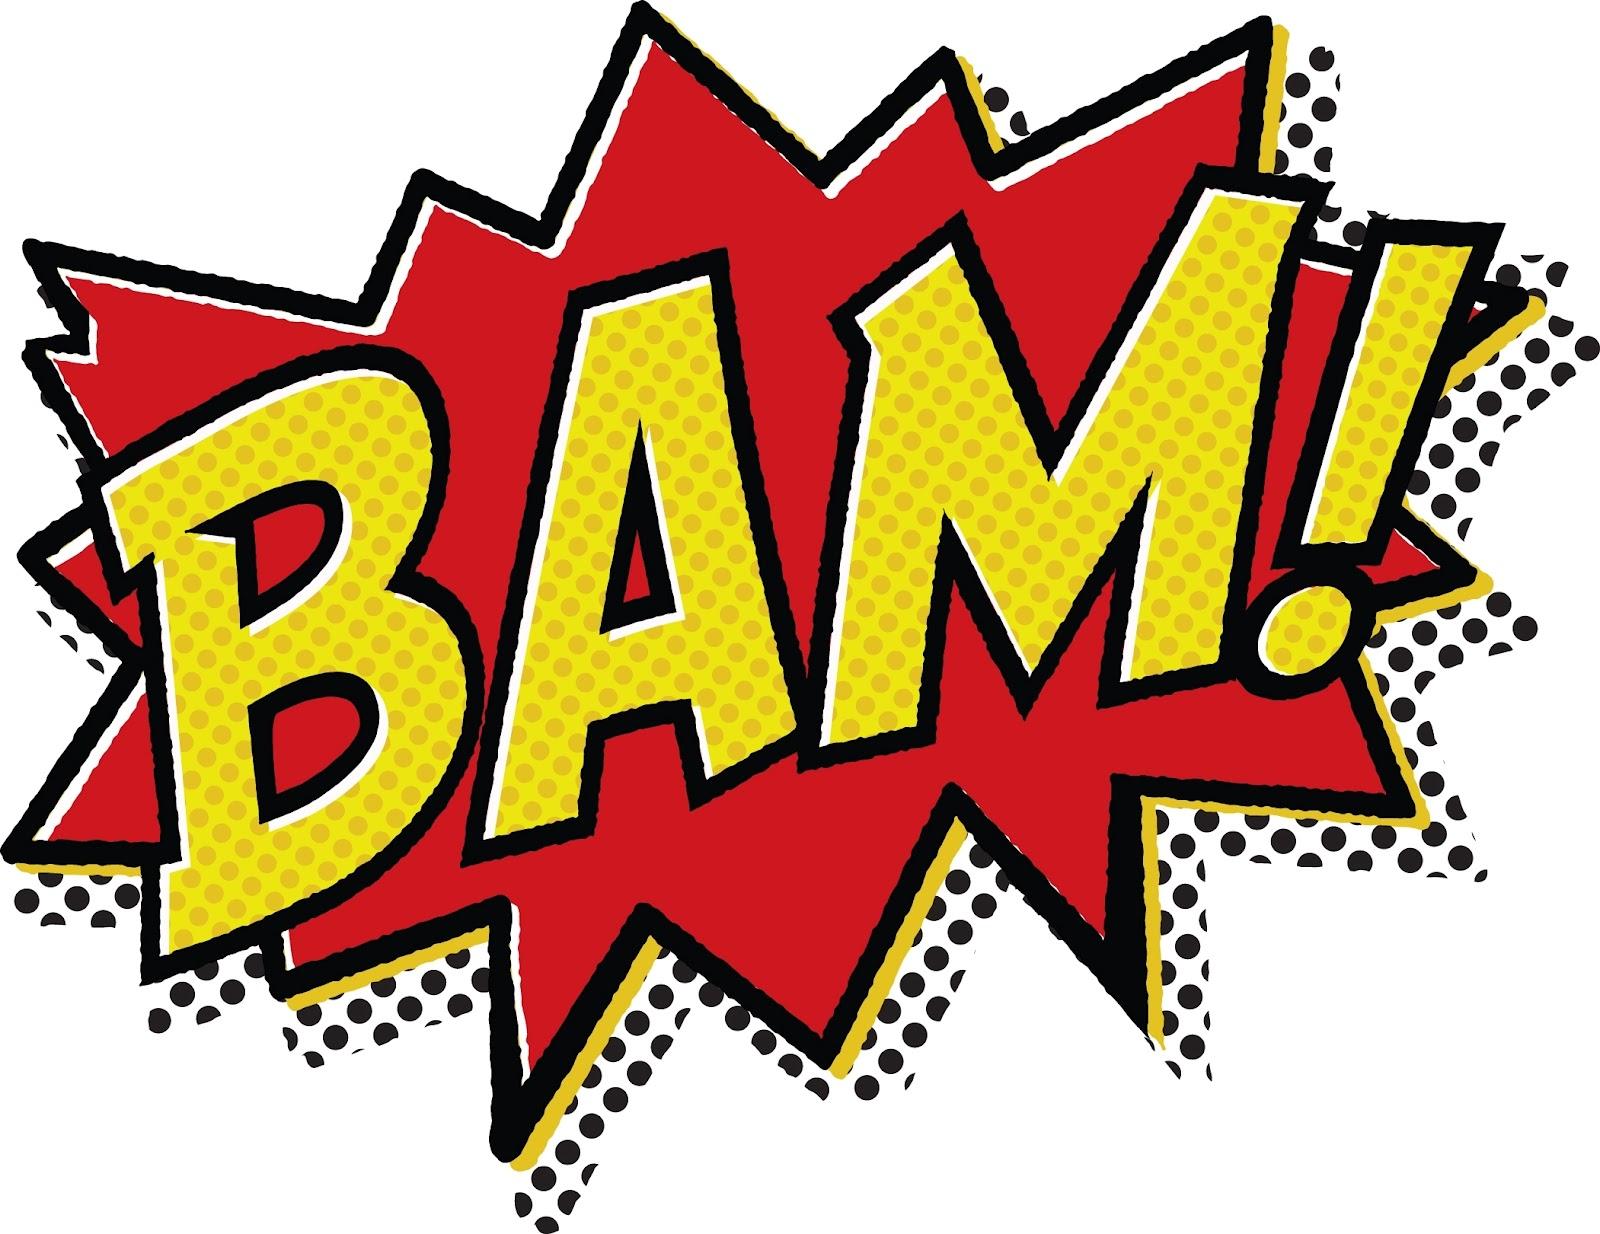 Battle clipart Battle Batman Bam Clipart cliparts